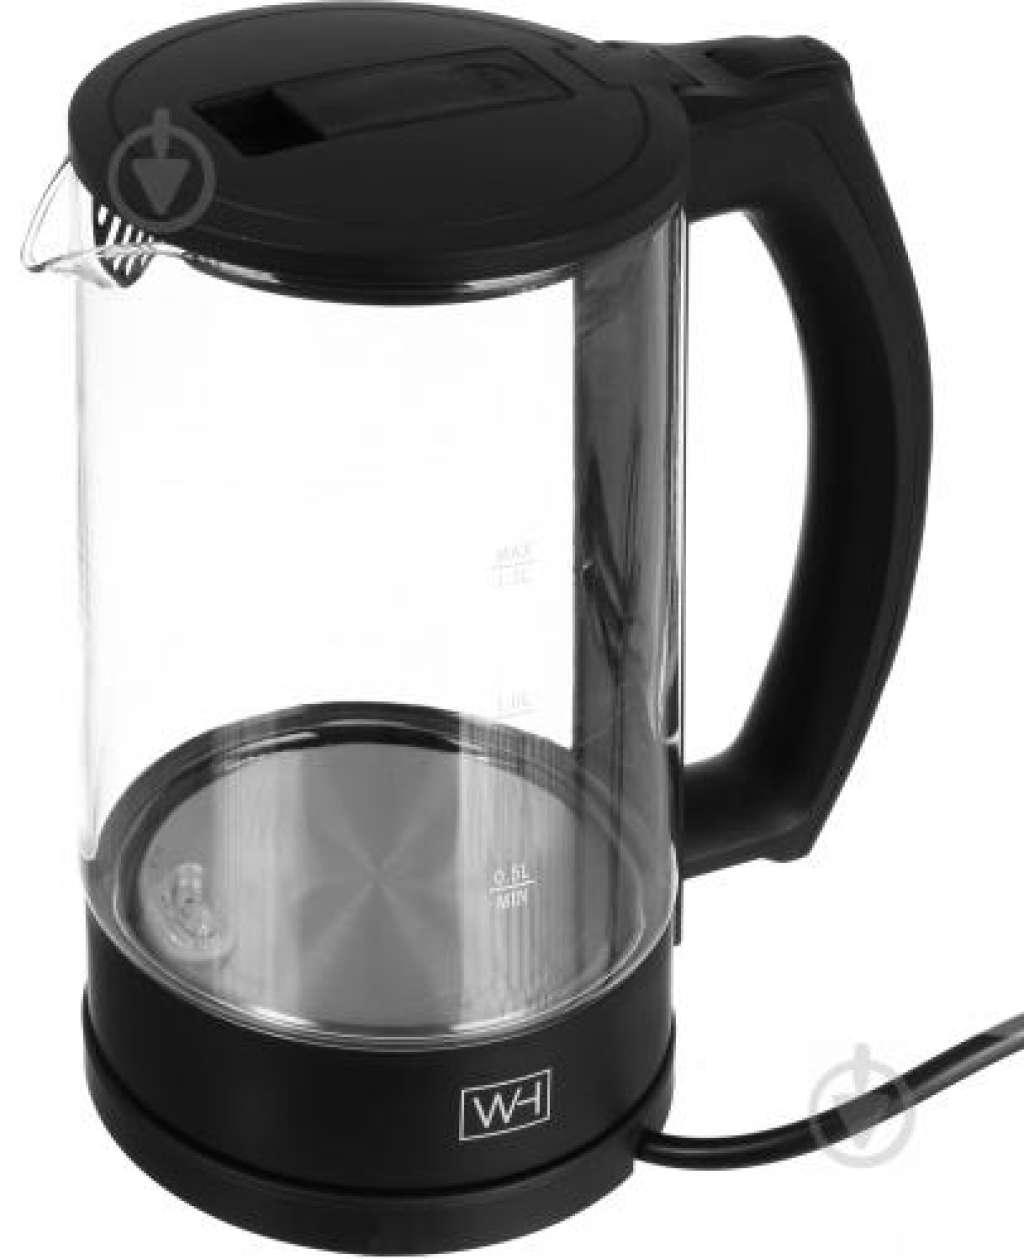 Електрочайник Water House EK1580:   Безкоштовна доставка    Тип: звичайний  Особливості: автоматичне відключення  Потужність: 2200 Вт  Об'єм: 1,5 л  Колір: чорний